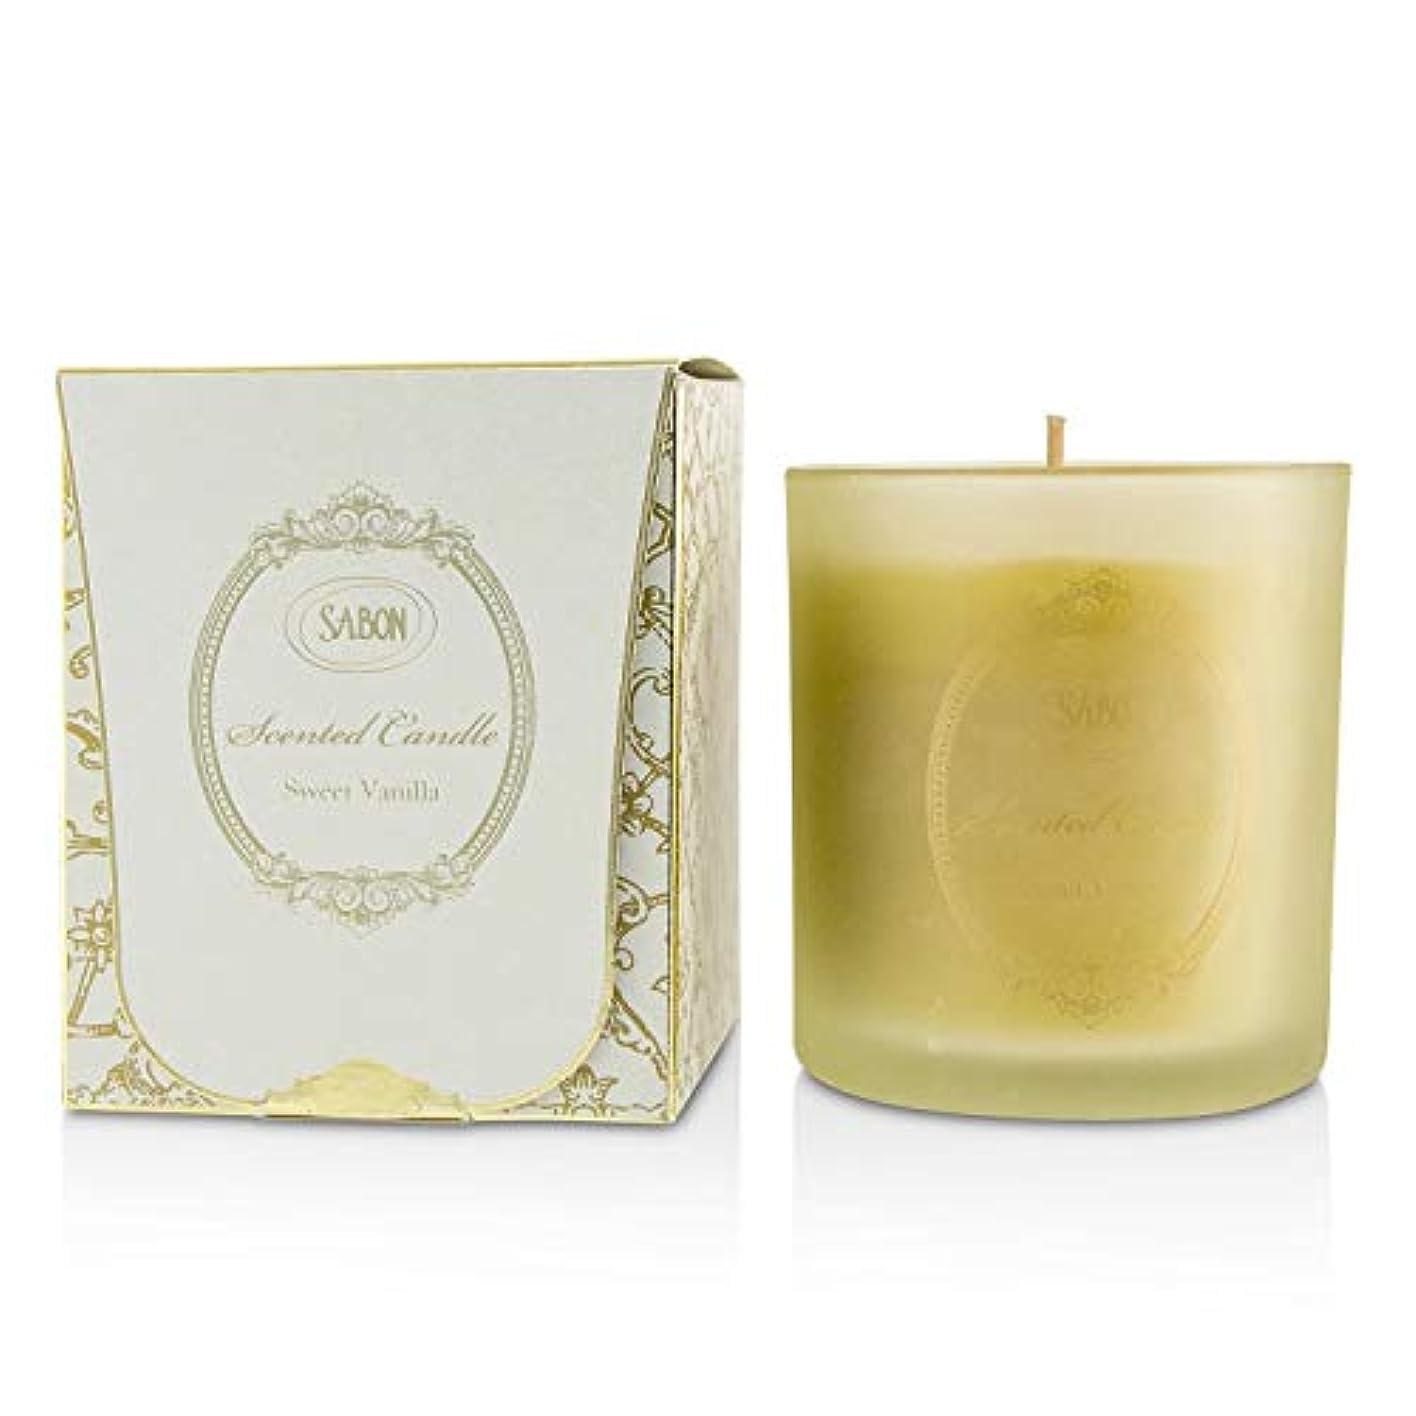 形状フロントシャンパンサボン Glass Candles - Sweet Vanilla 250ml/8.79oz並行輸入品